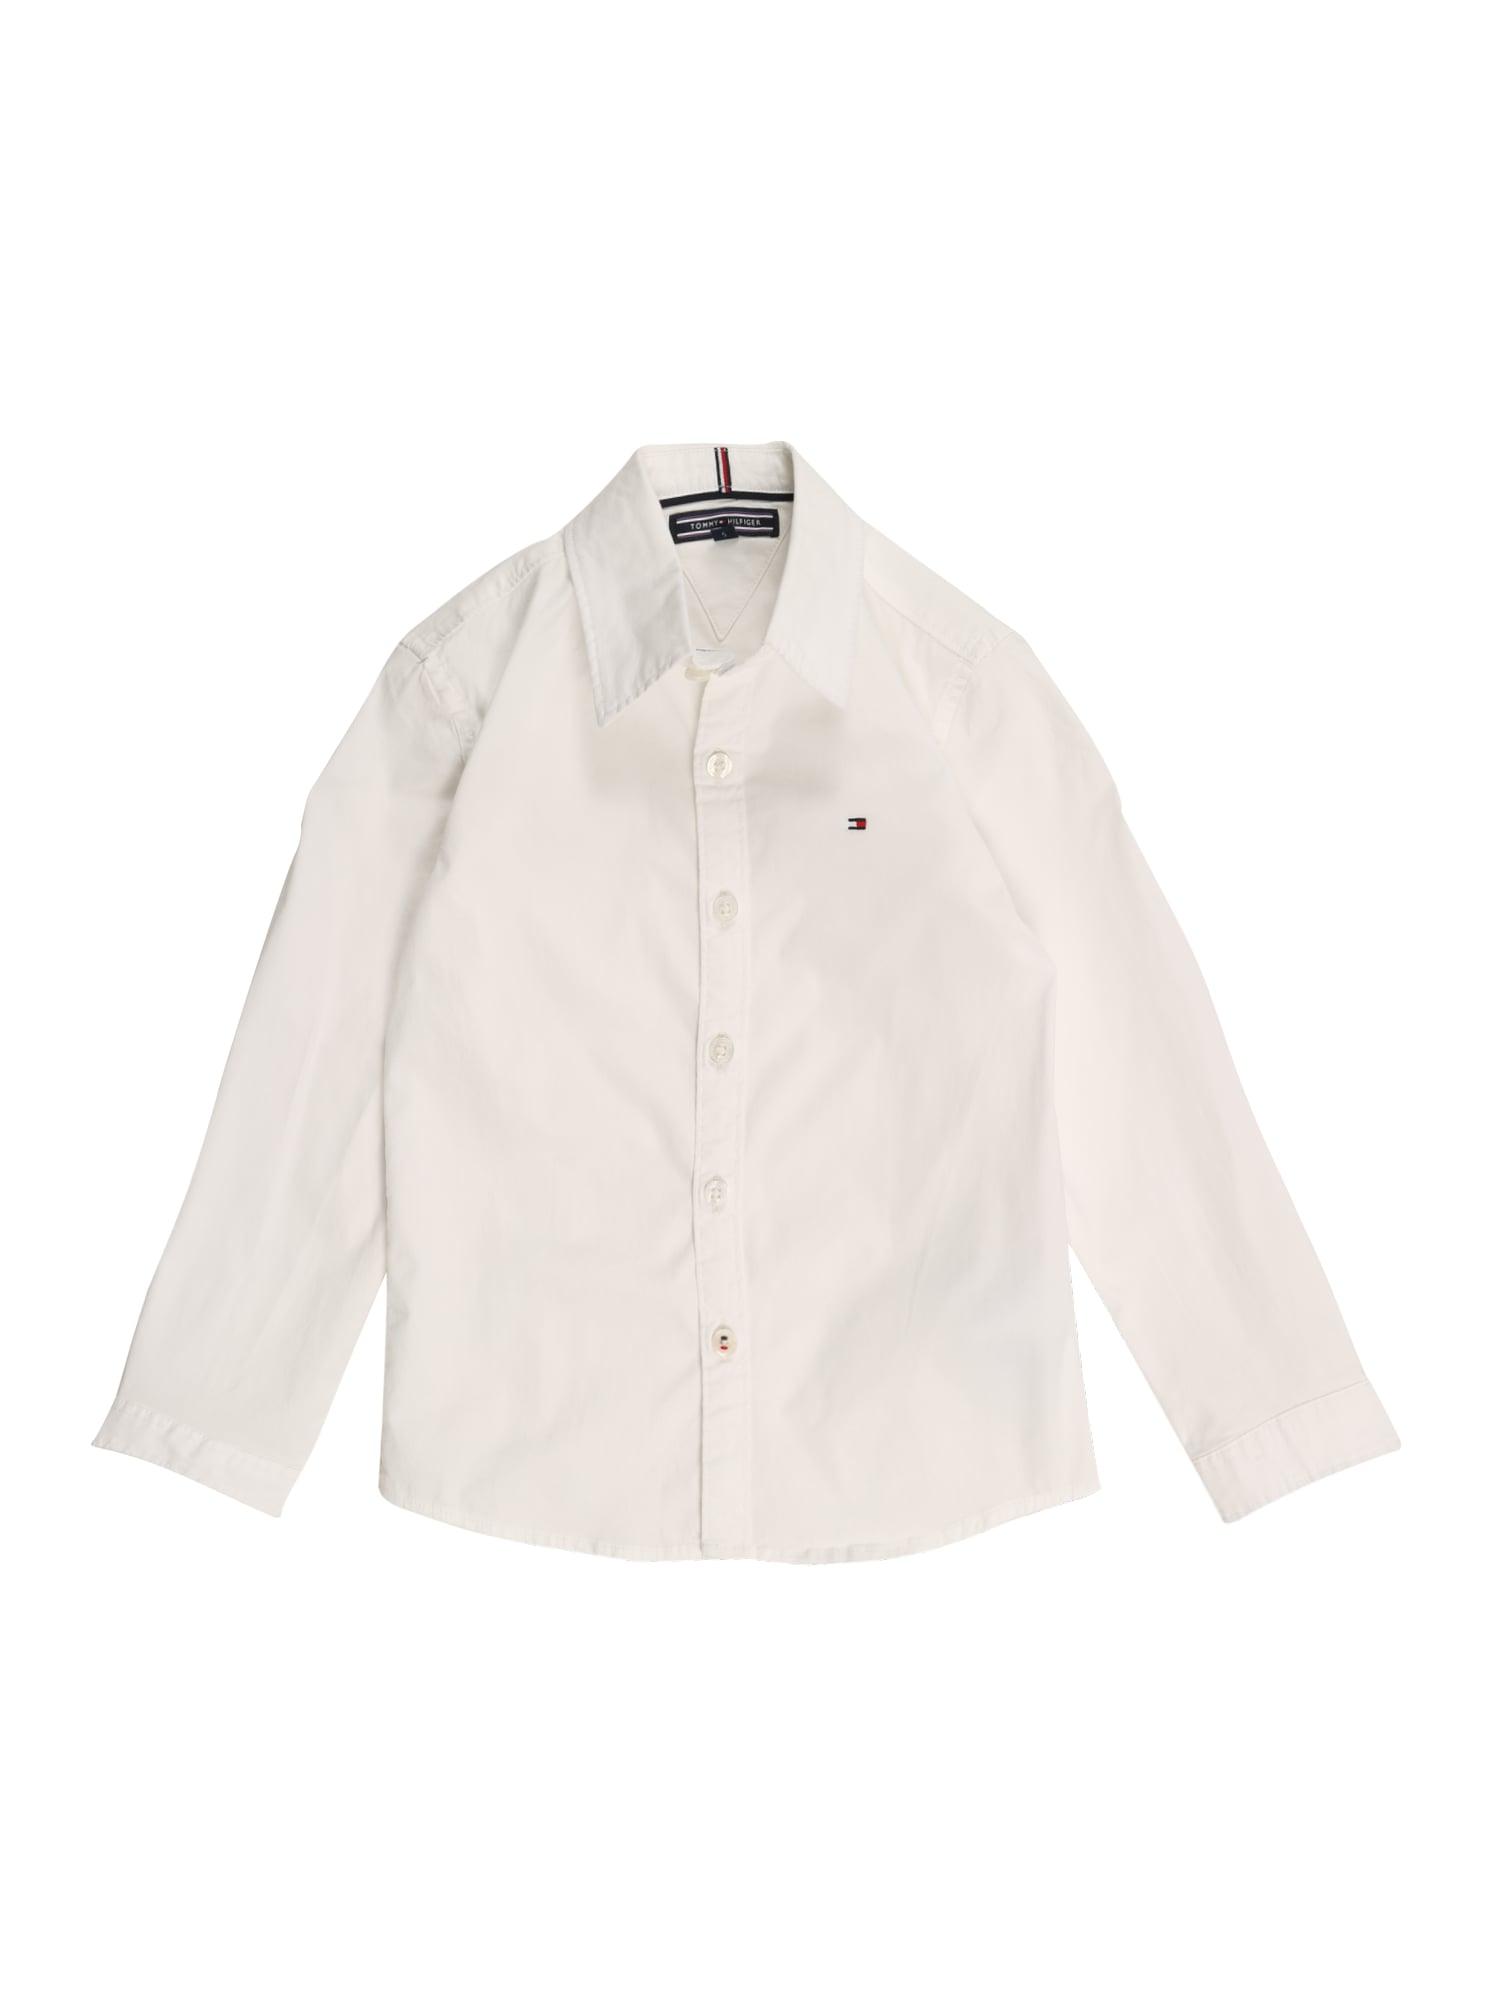 TOMMY HILFIGER Dalykiniai marškiniai balta